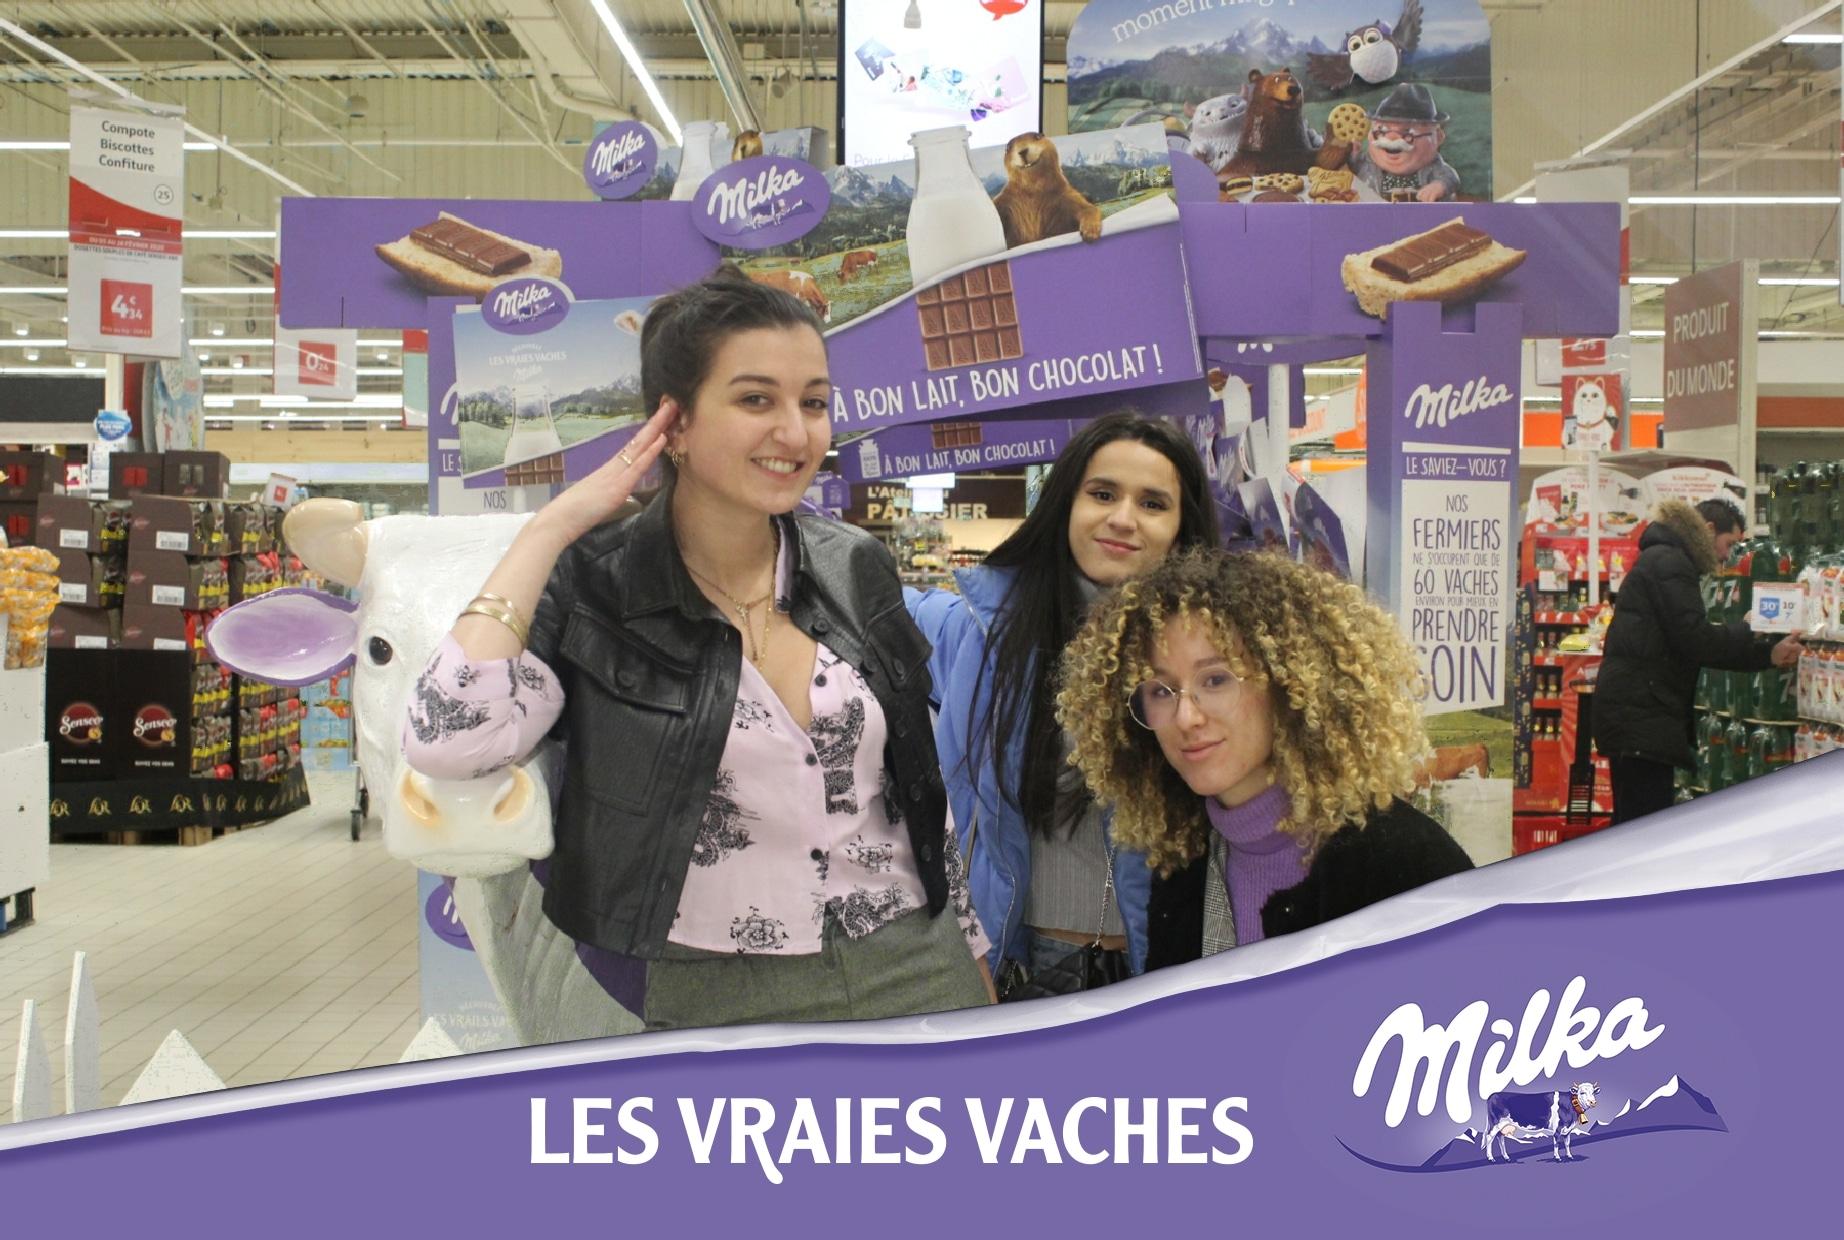 Animation selfie box pour lancement nouveaux produits Milka à l'hypermarché Auchan Le Havre avec photos personnalisées et imprimées pour les visiteurs